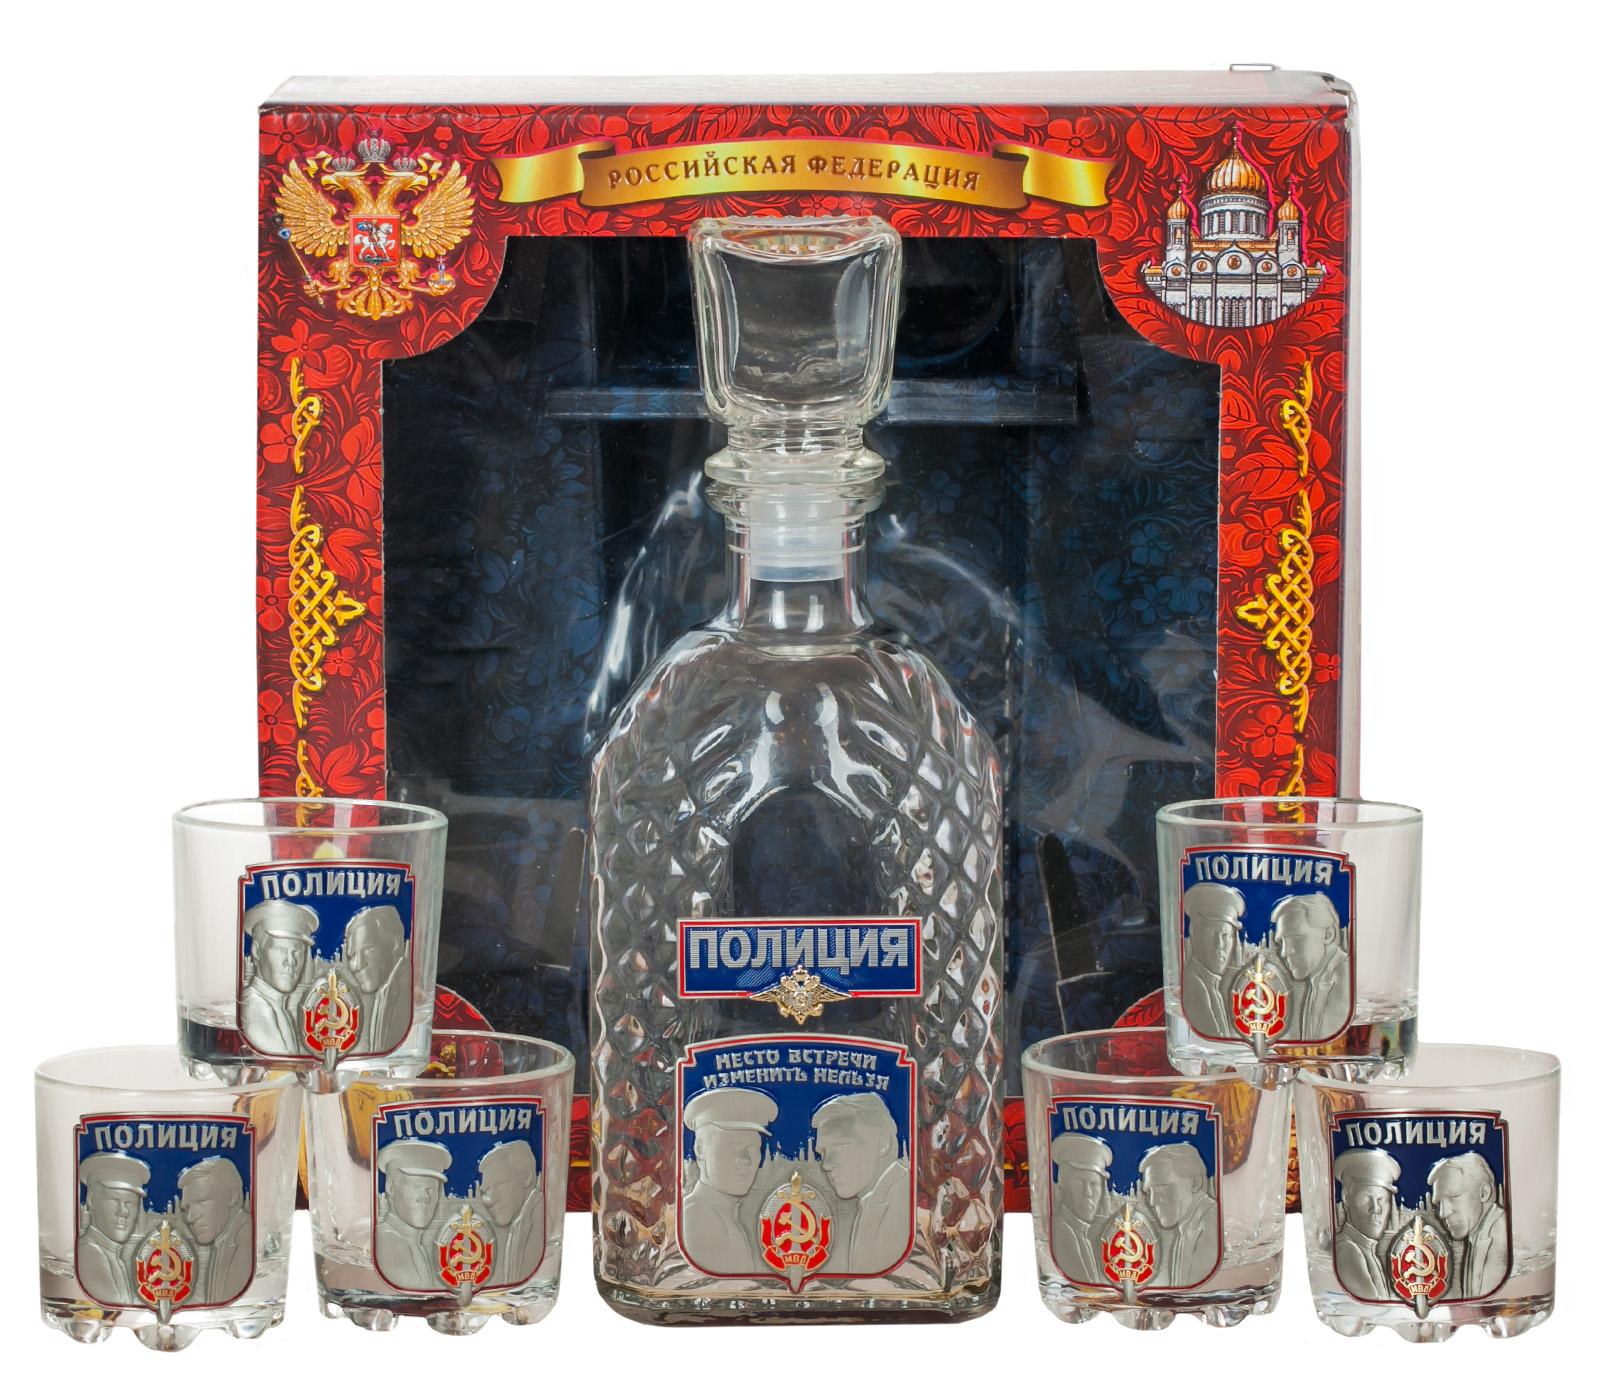 """Купить набор для крепких напитков """"Полиция"""" (графин +6 стопок)"""